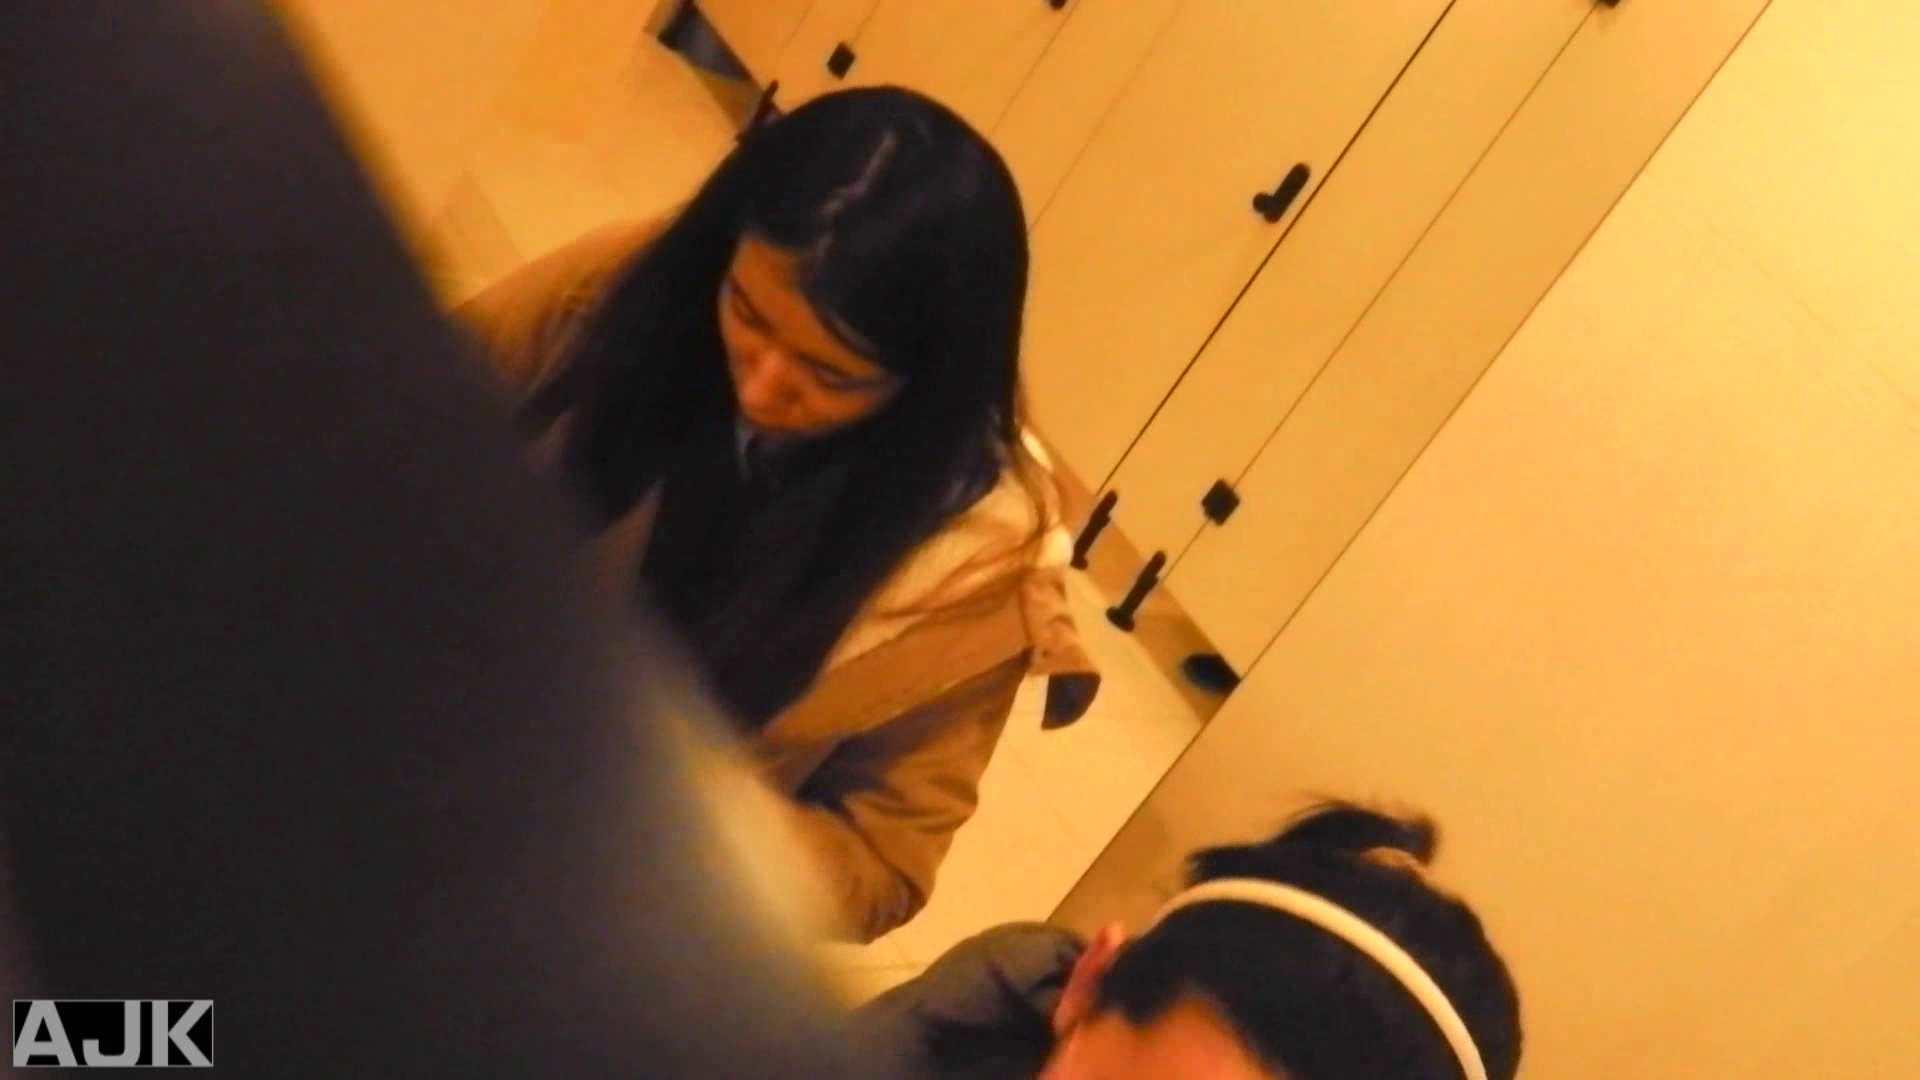 隣国上階級エリアの令嬢たちが集うデパートお手洗い Vol.11 お手洗い  67pic 32